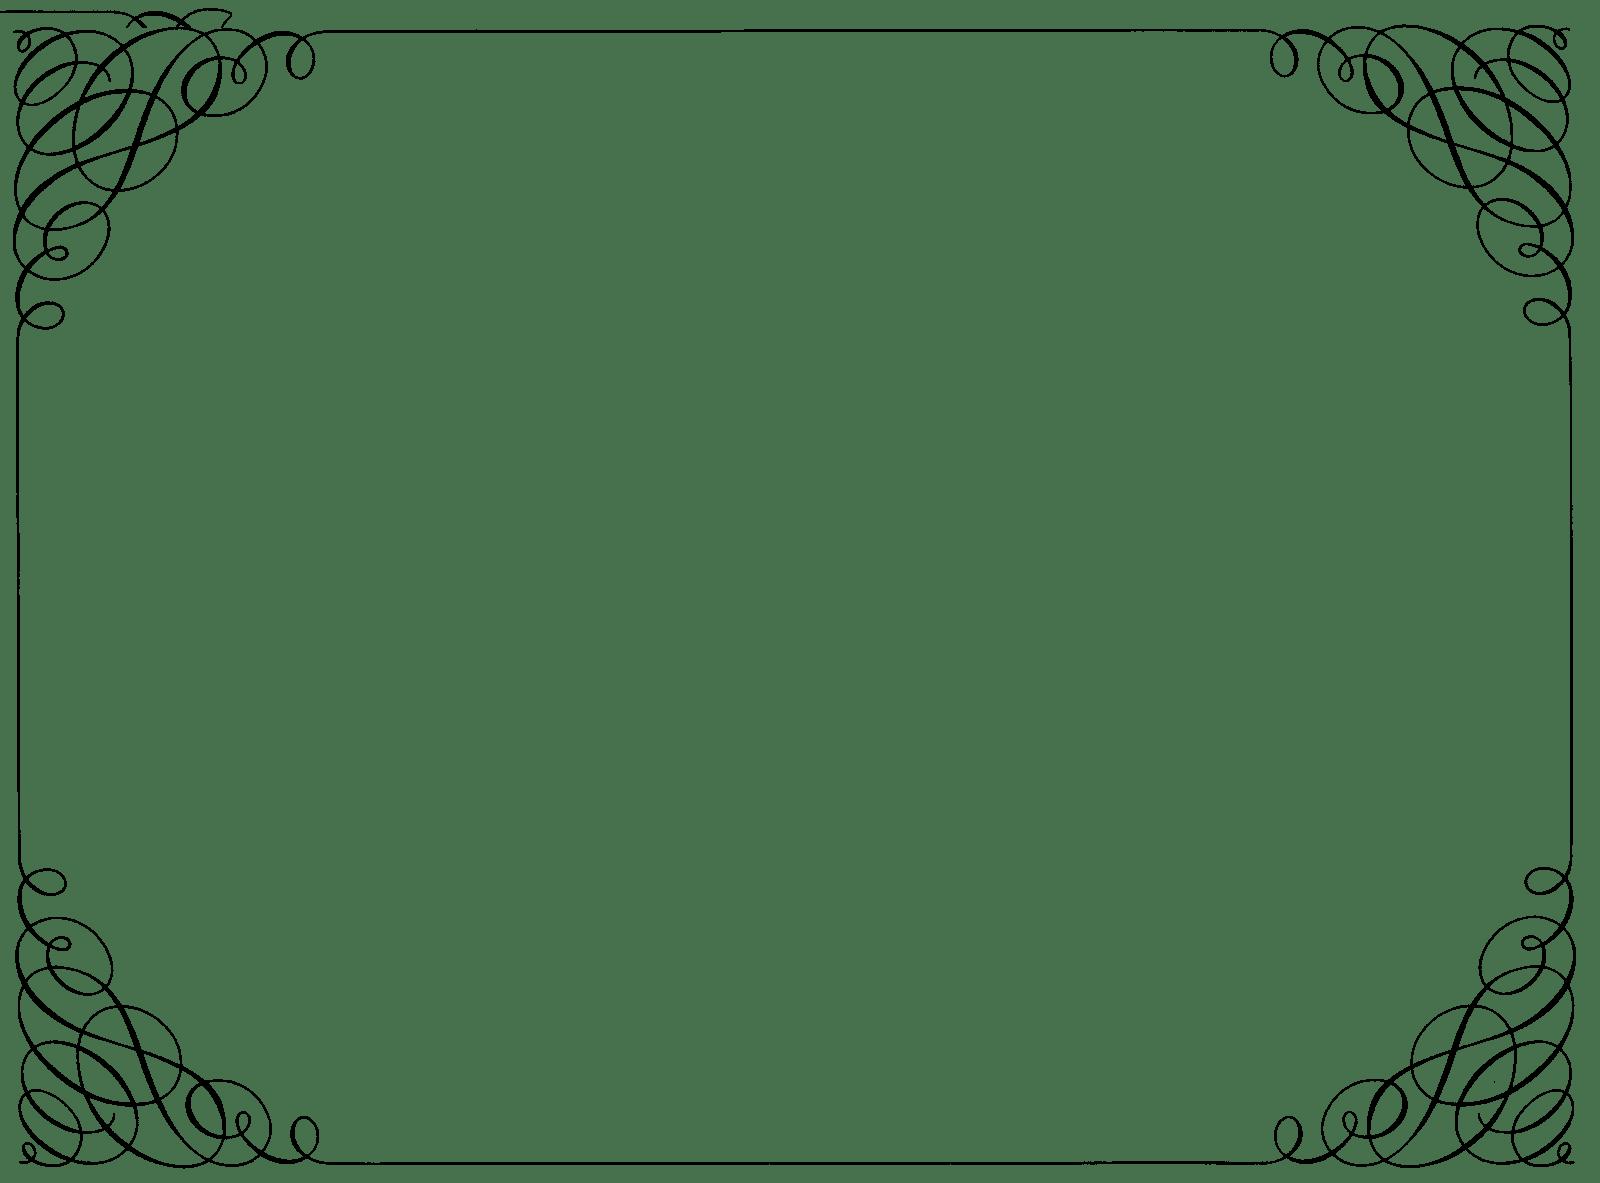 Curly transparent stickpng download. Ornate border png